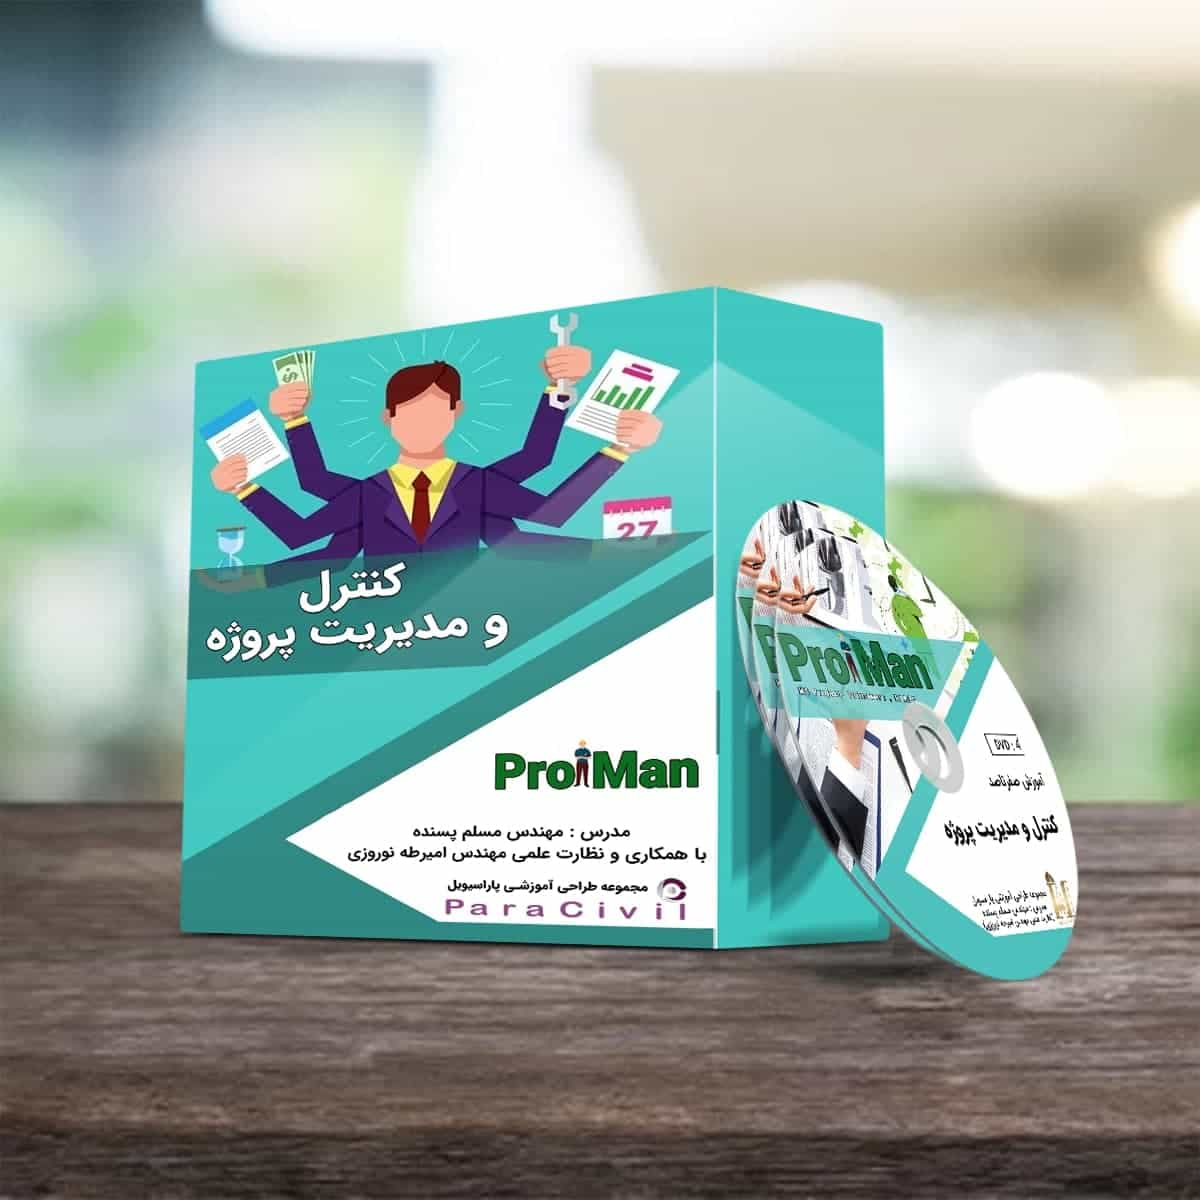 آموزش کنترل و مدیریت پروژه| آموزش کنترل پروژه با MSP پرومن